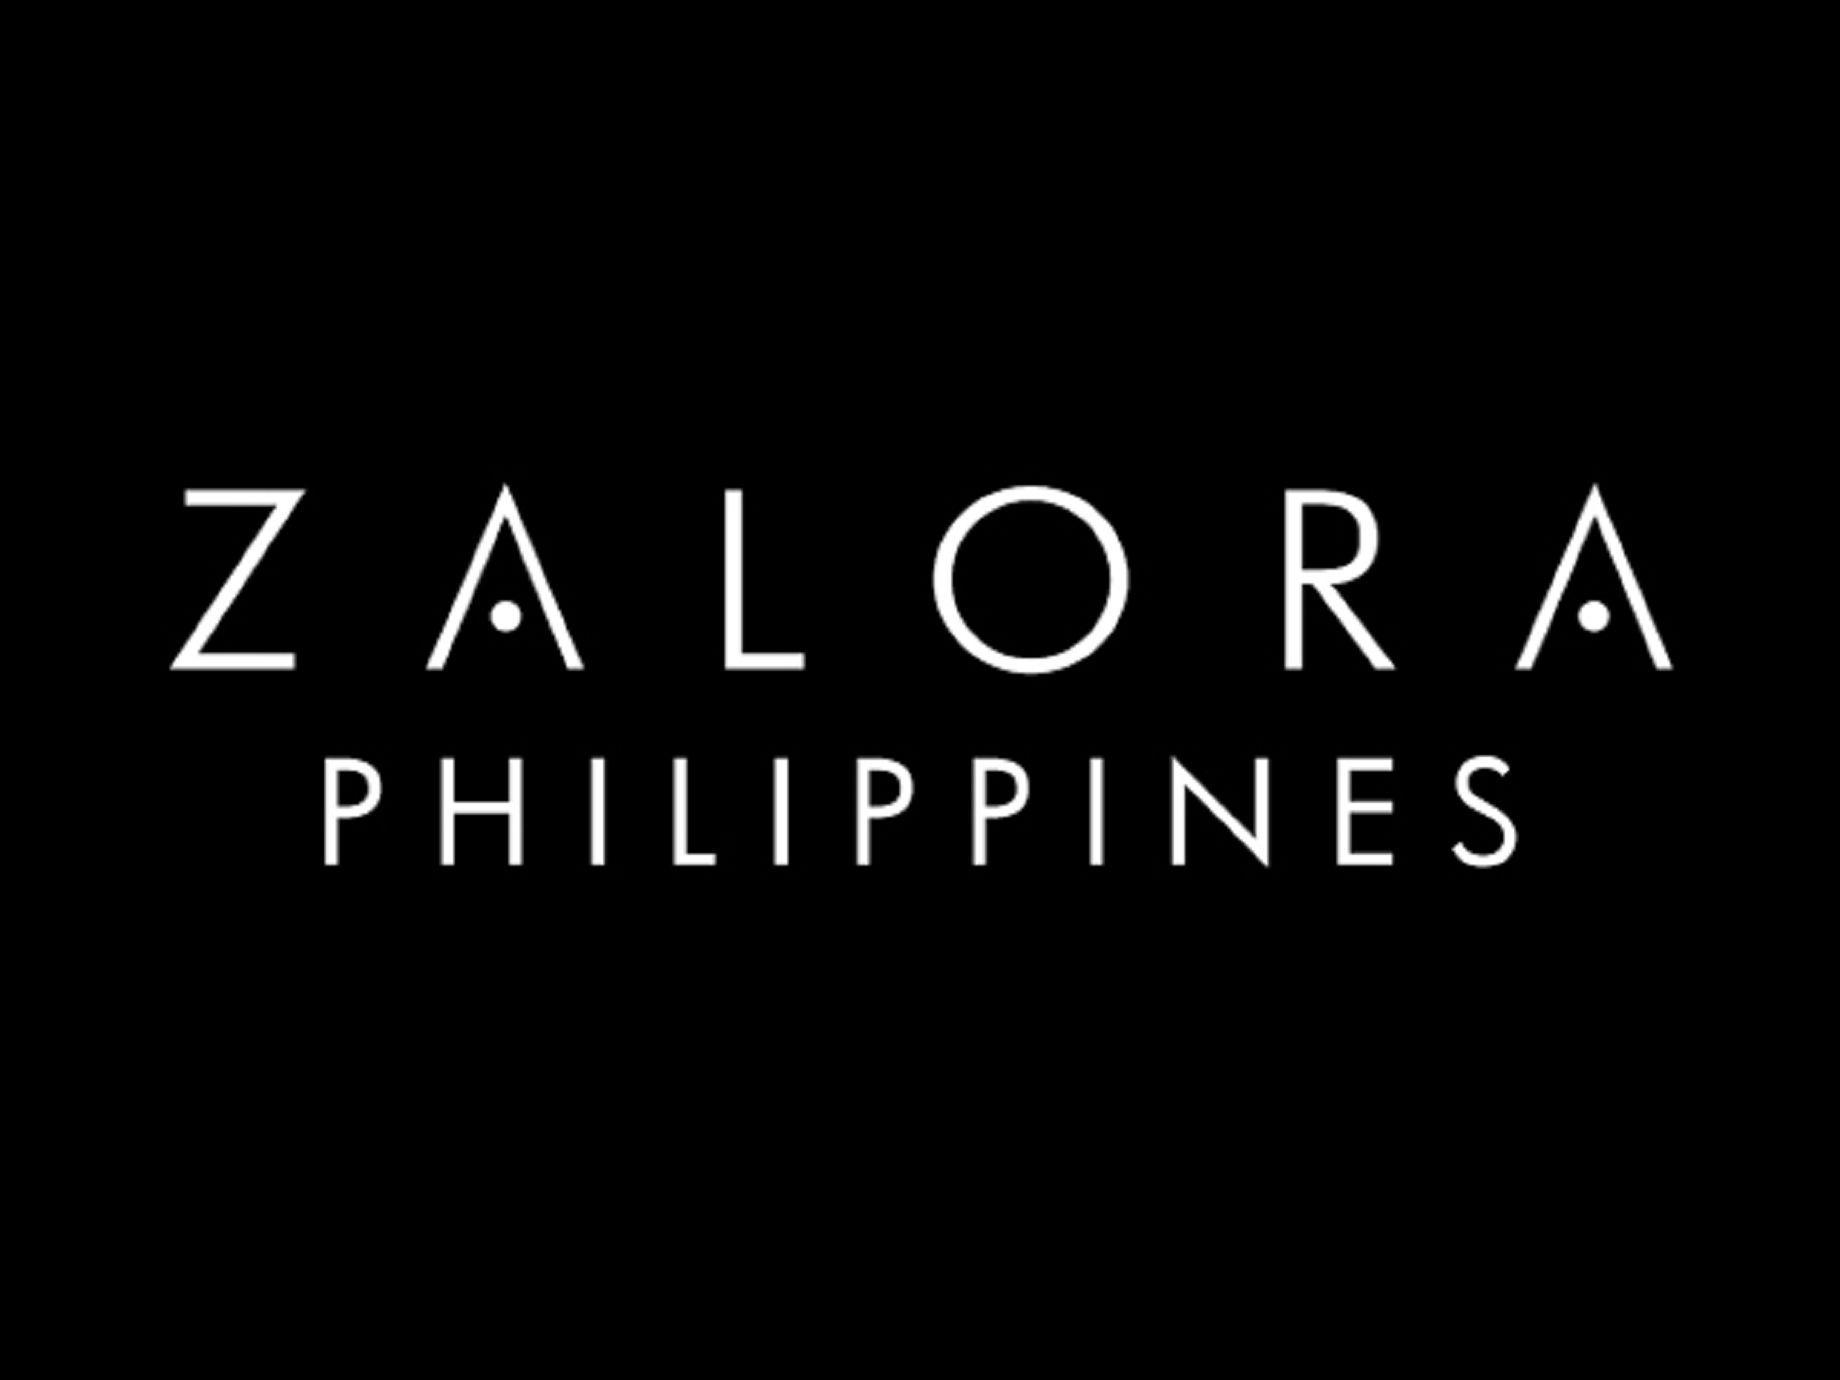 新投資注入1倍資本,時尚電商Zalora在菲律賓的下一步是?